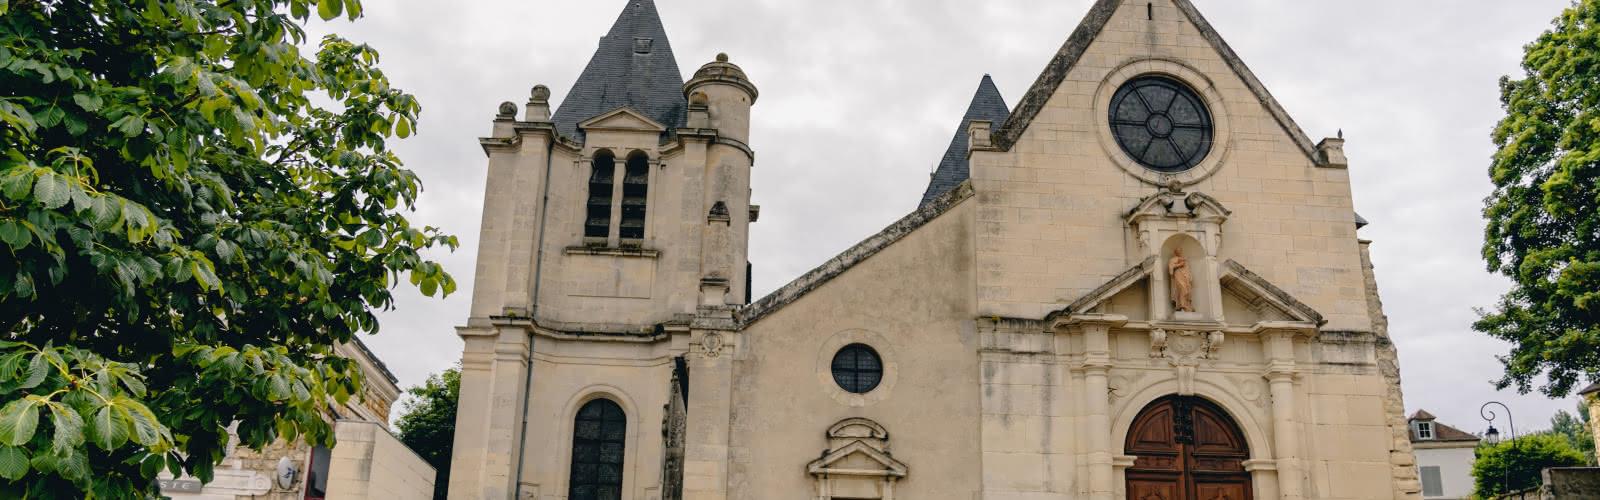 Parvis de l'église Saint-Acceul